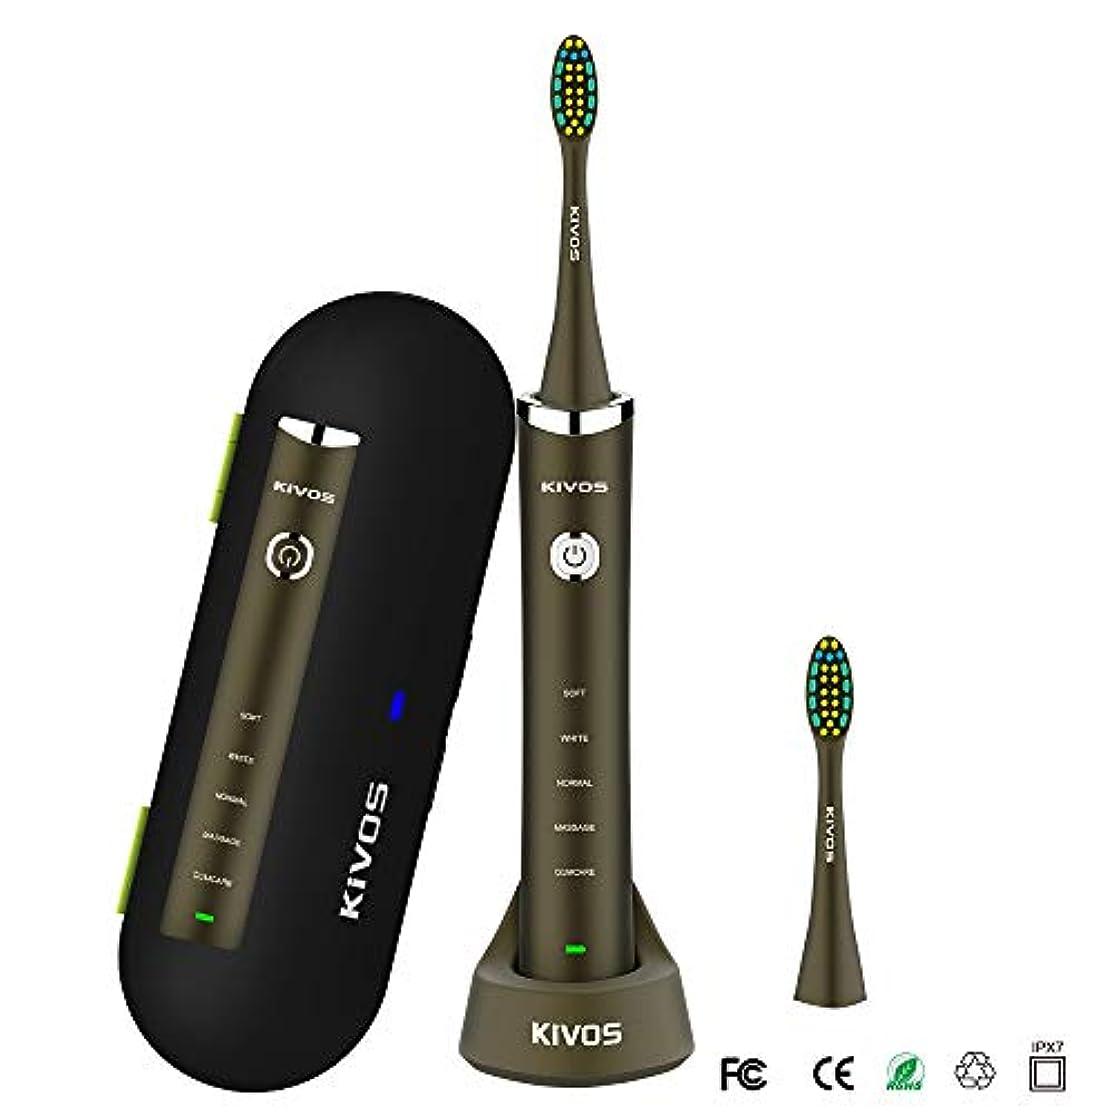 肥満安心させるミットKIVOS 電動歯ブラシ音波歯ブラシ UV 除菌機能付き電動歯ぶらし歯ブラシ除菌器 歯ブラシUV紫外線除菌収納ケース歯みがき 電動はぶらし IPX7防水 旅行出張に最適